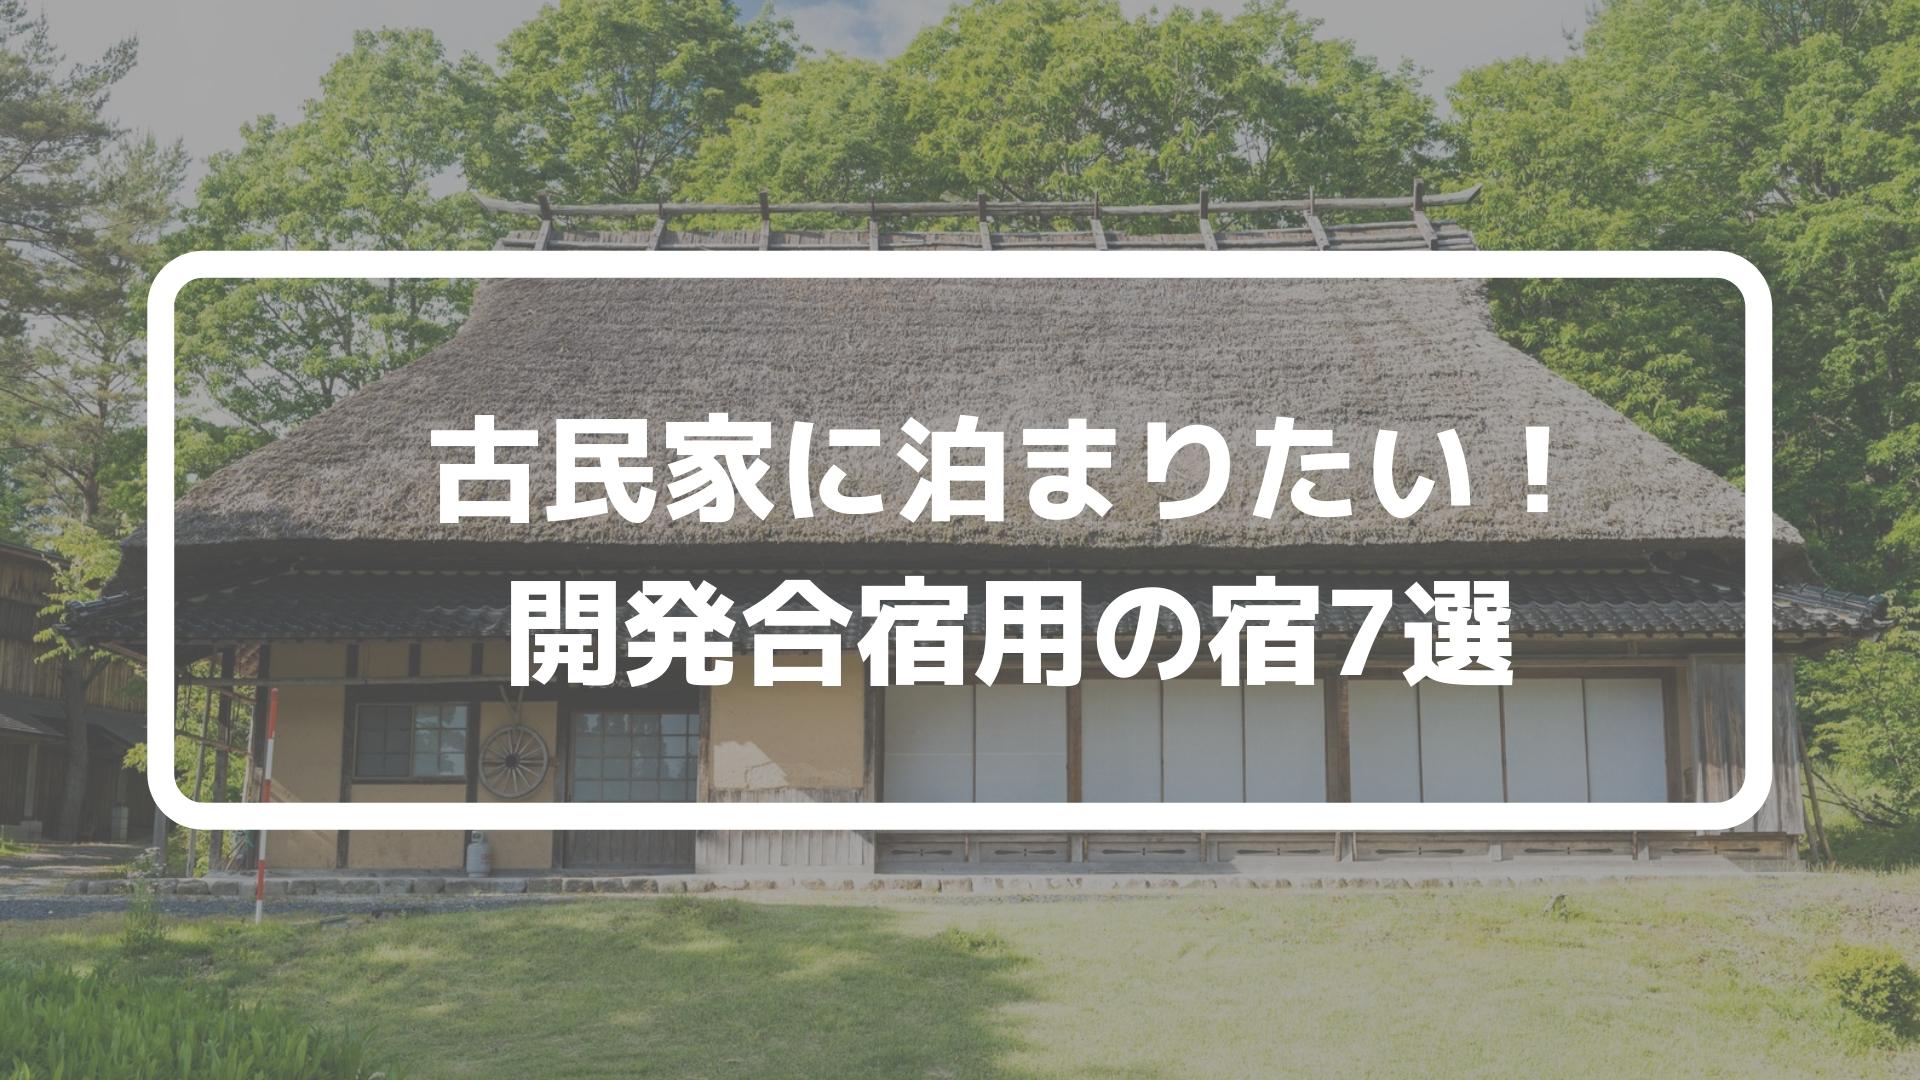 開発合宿温泉 (4)